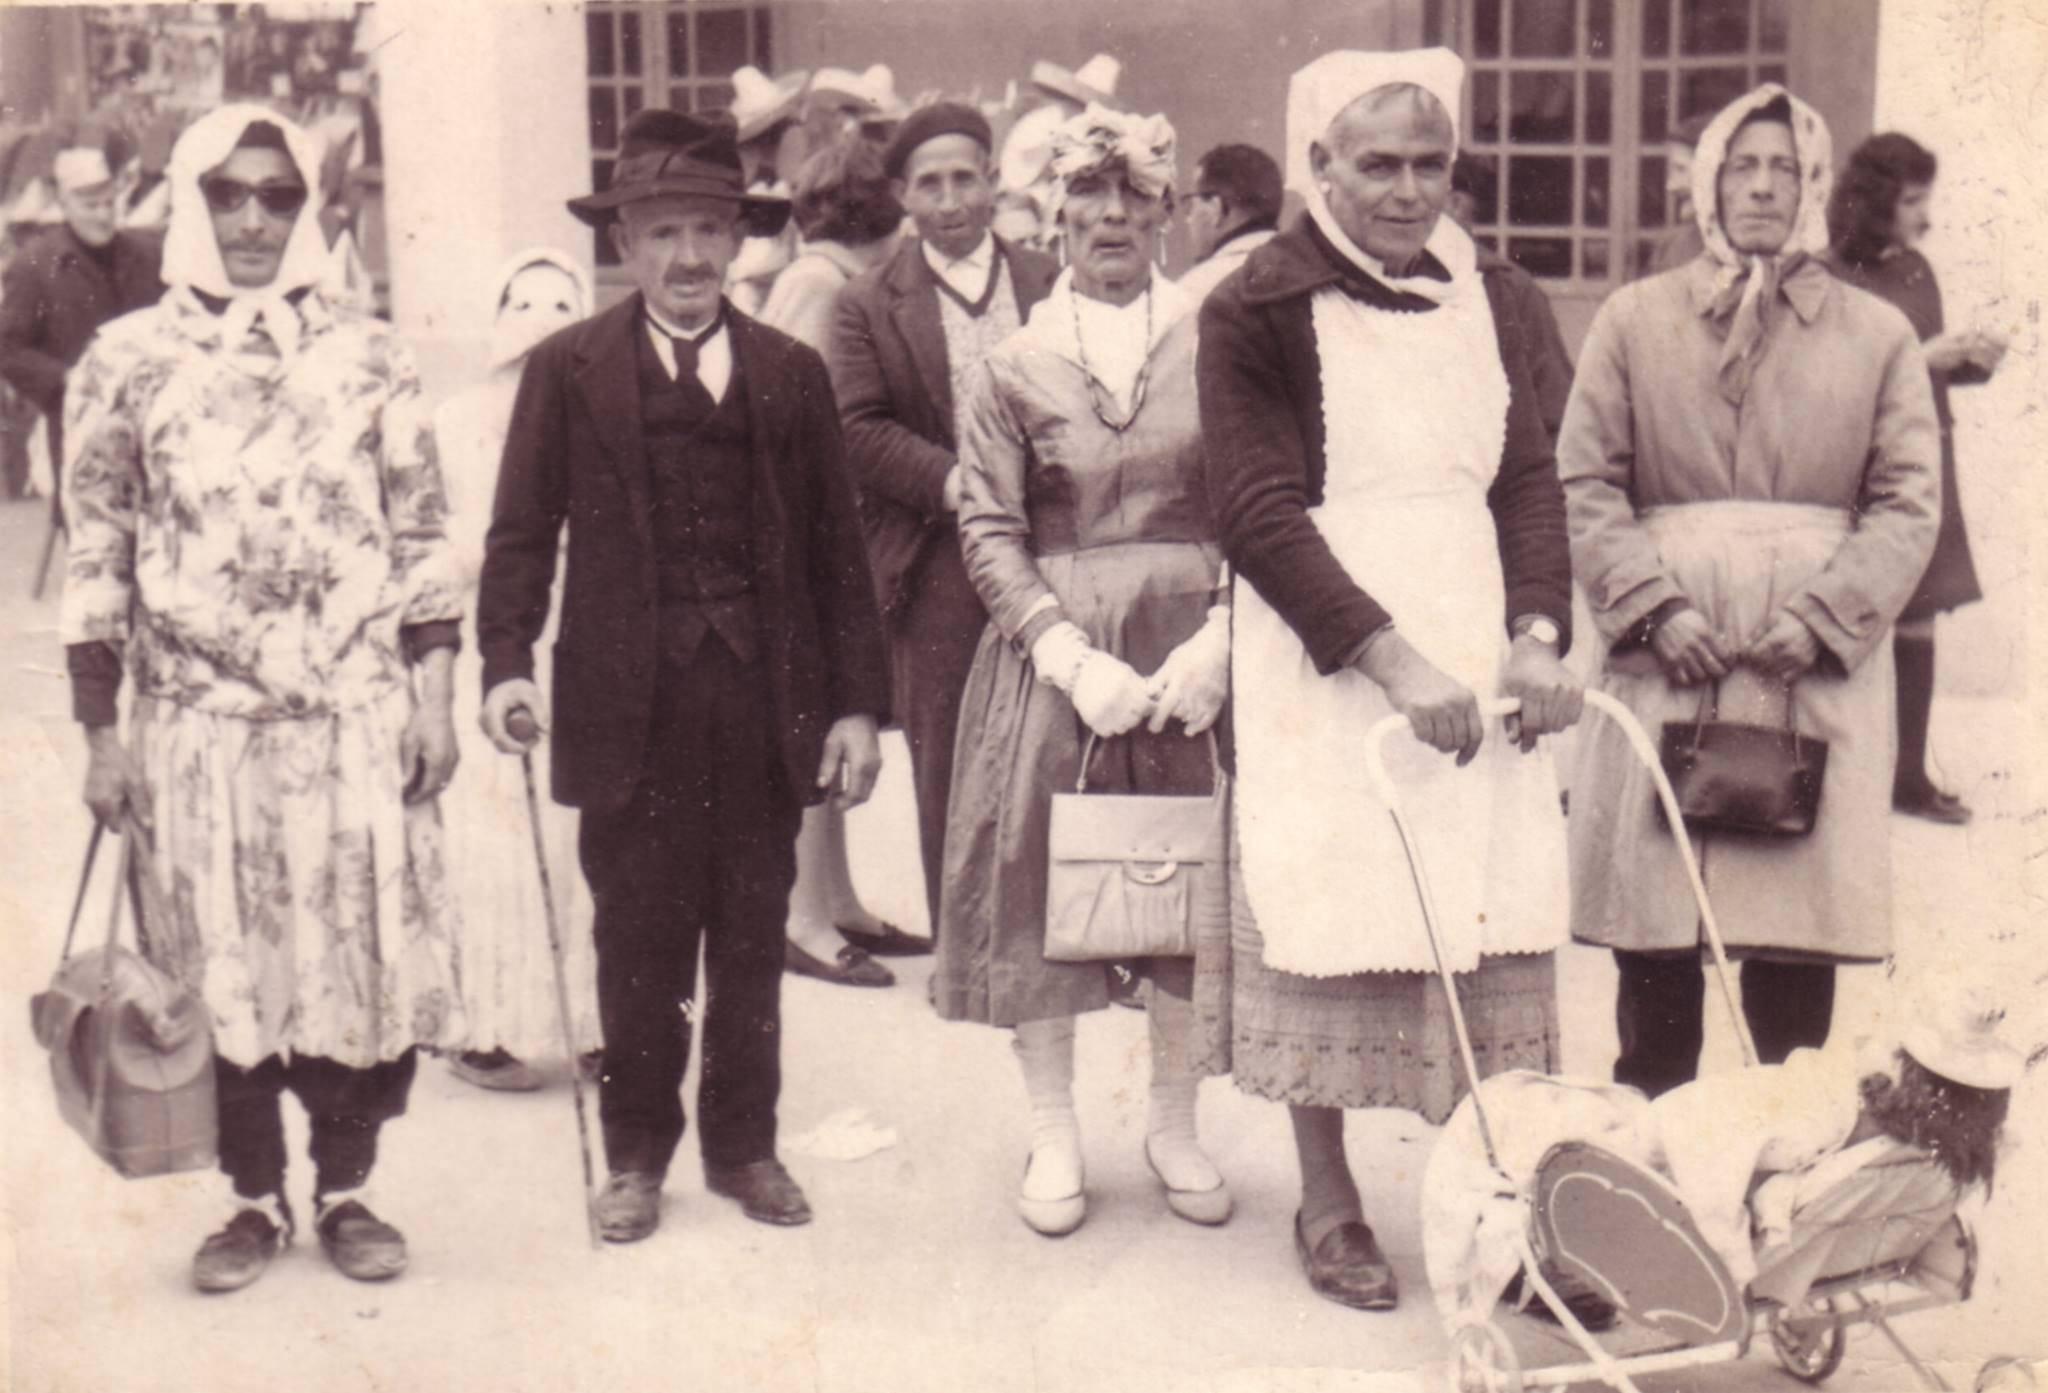 jesusillo patarrilla corrije picha calzones 1960 carnaval de herencia - Seguimos con la historia del Carnaval de Herencia a través de imágenes